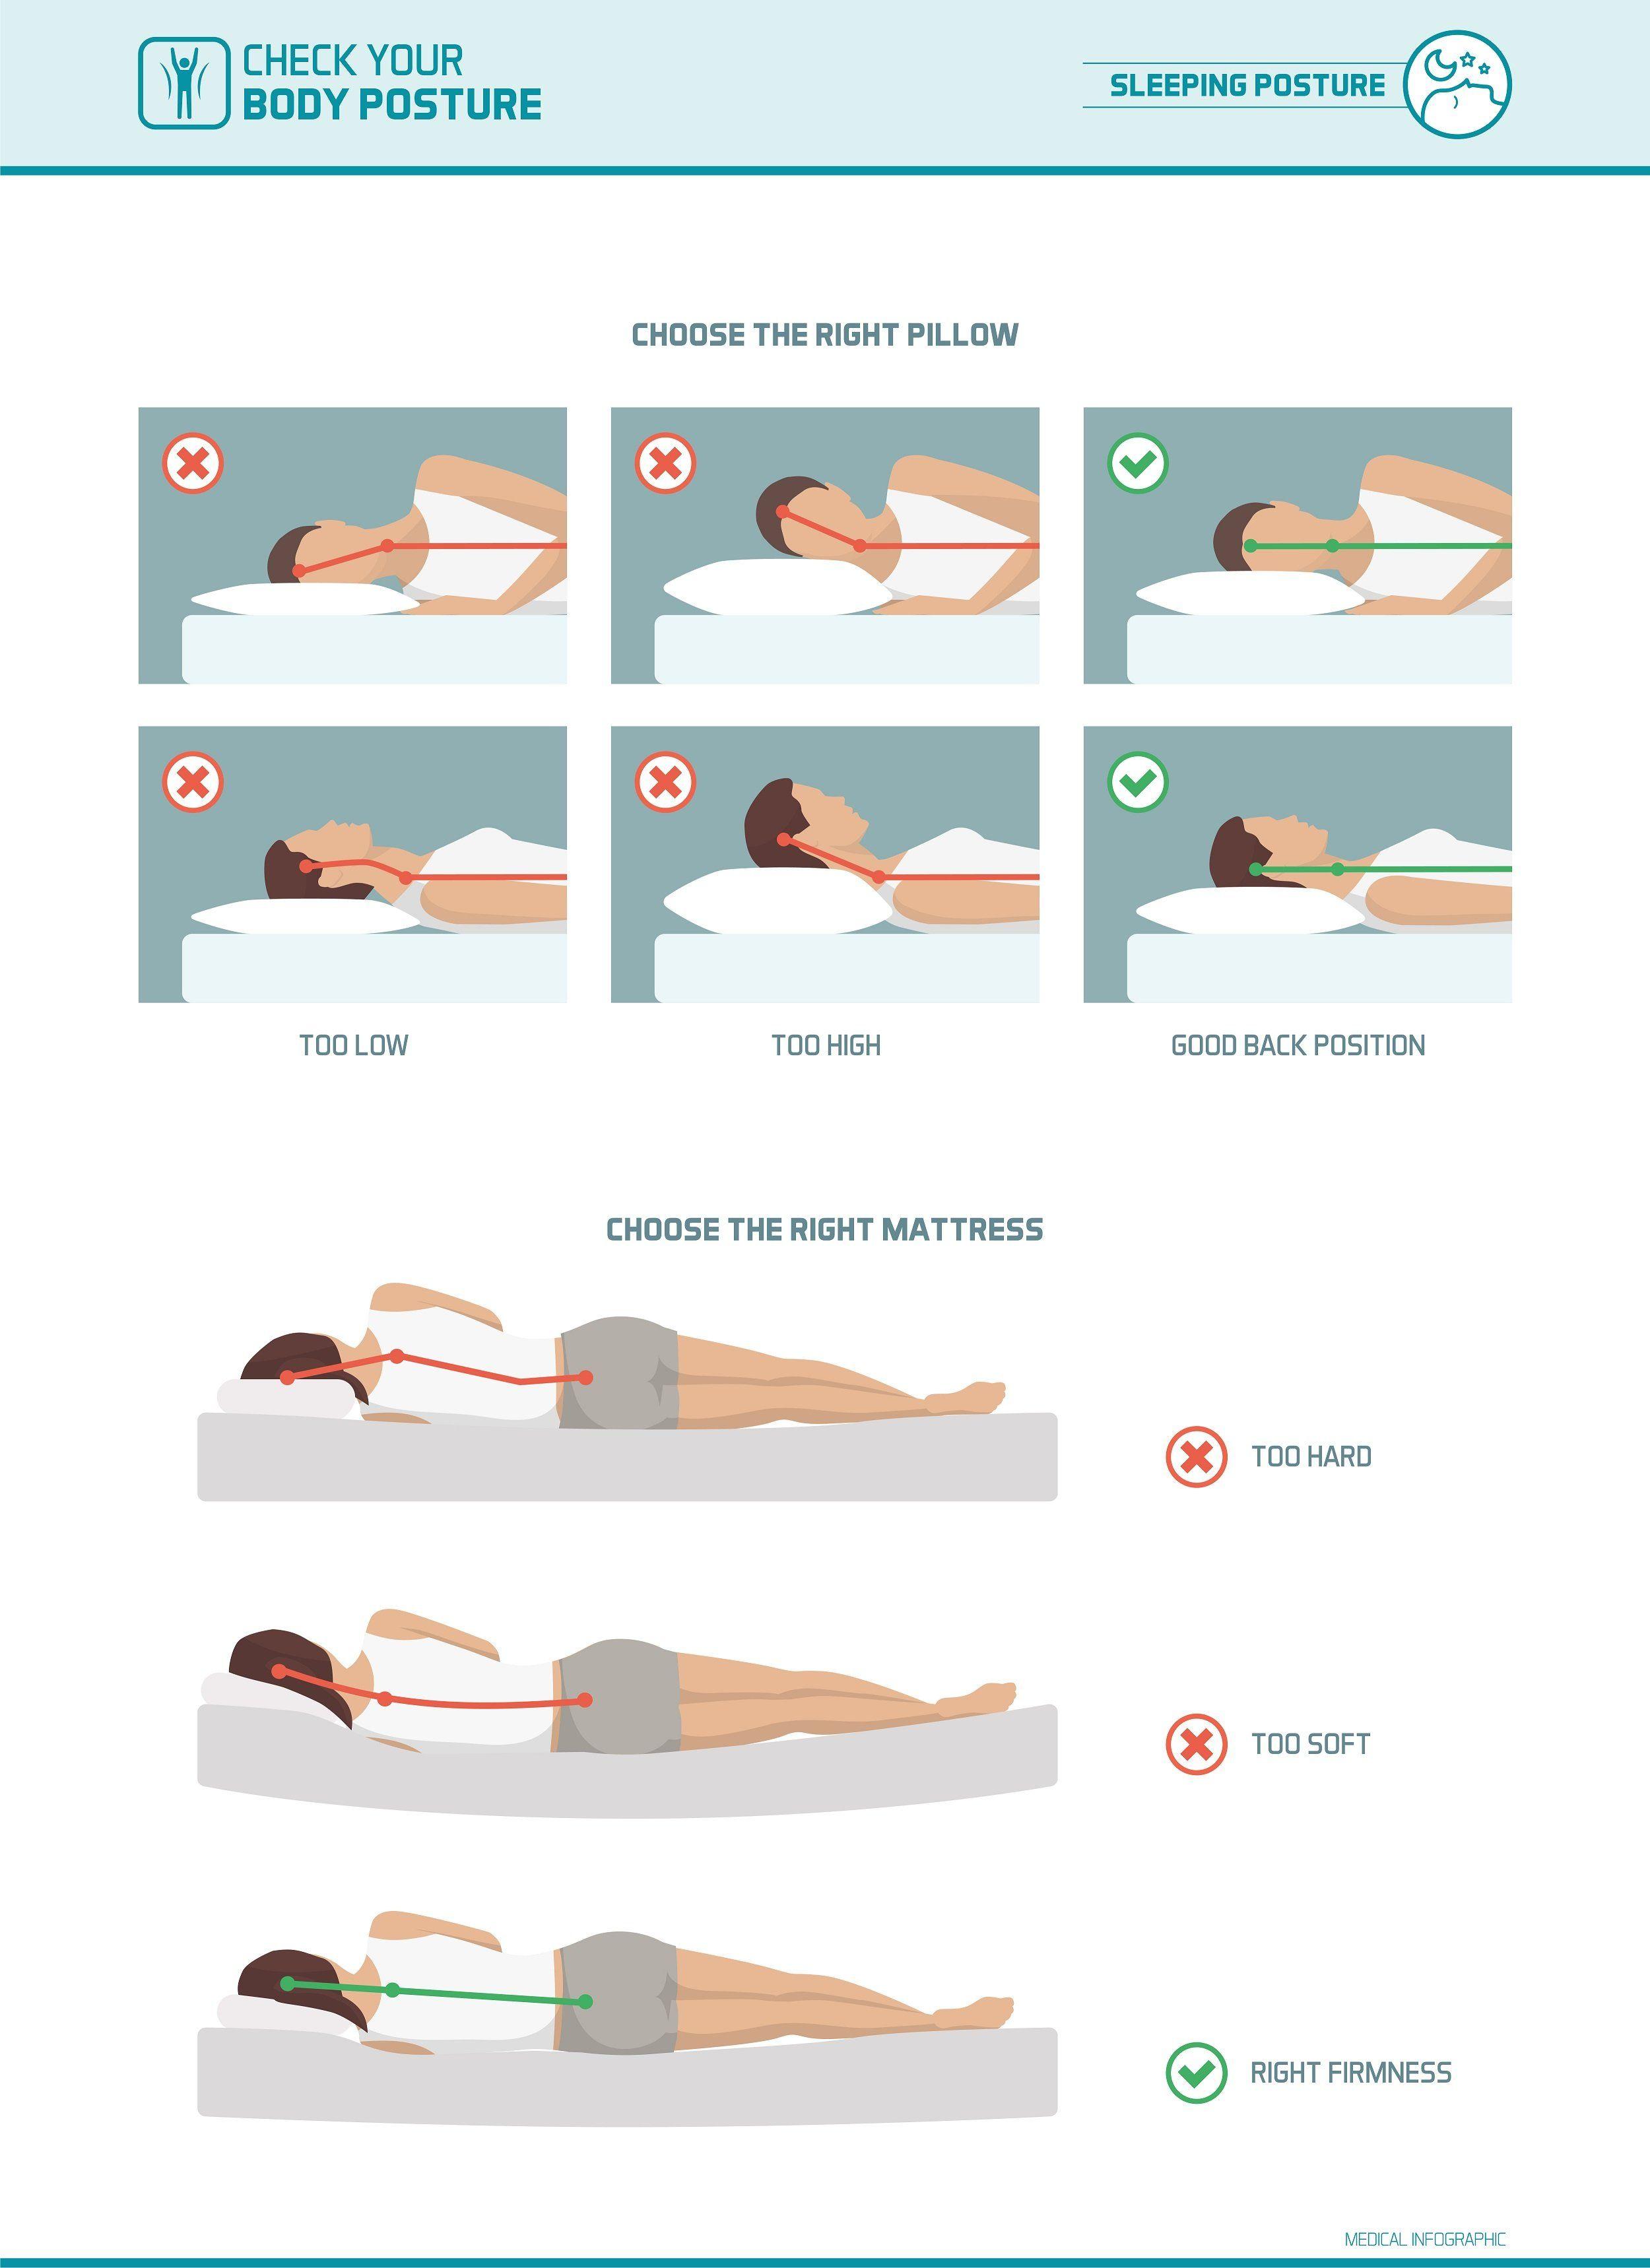 Wirbelsäule Matratze Schlafen KIssen Bett Tipps